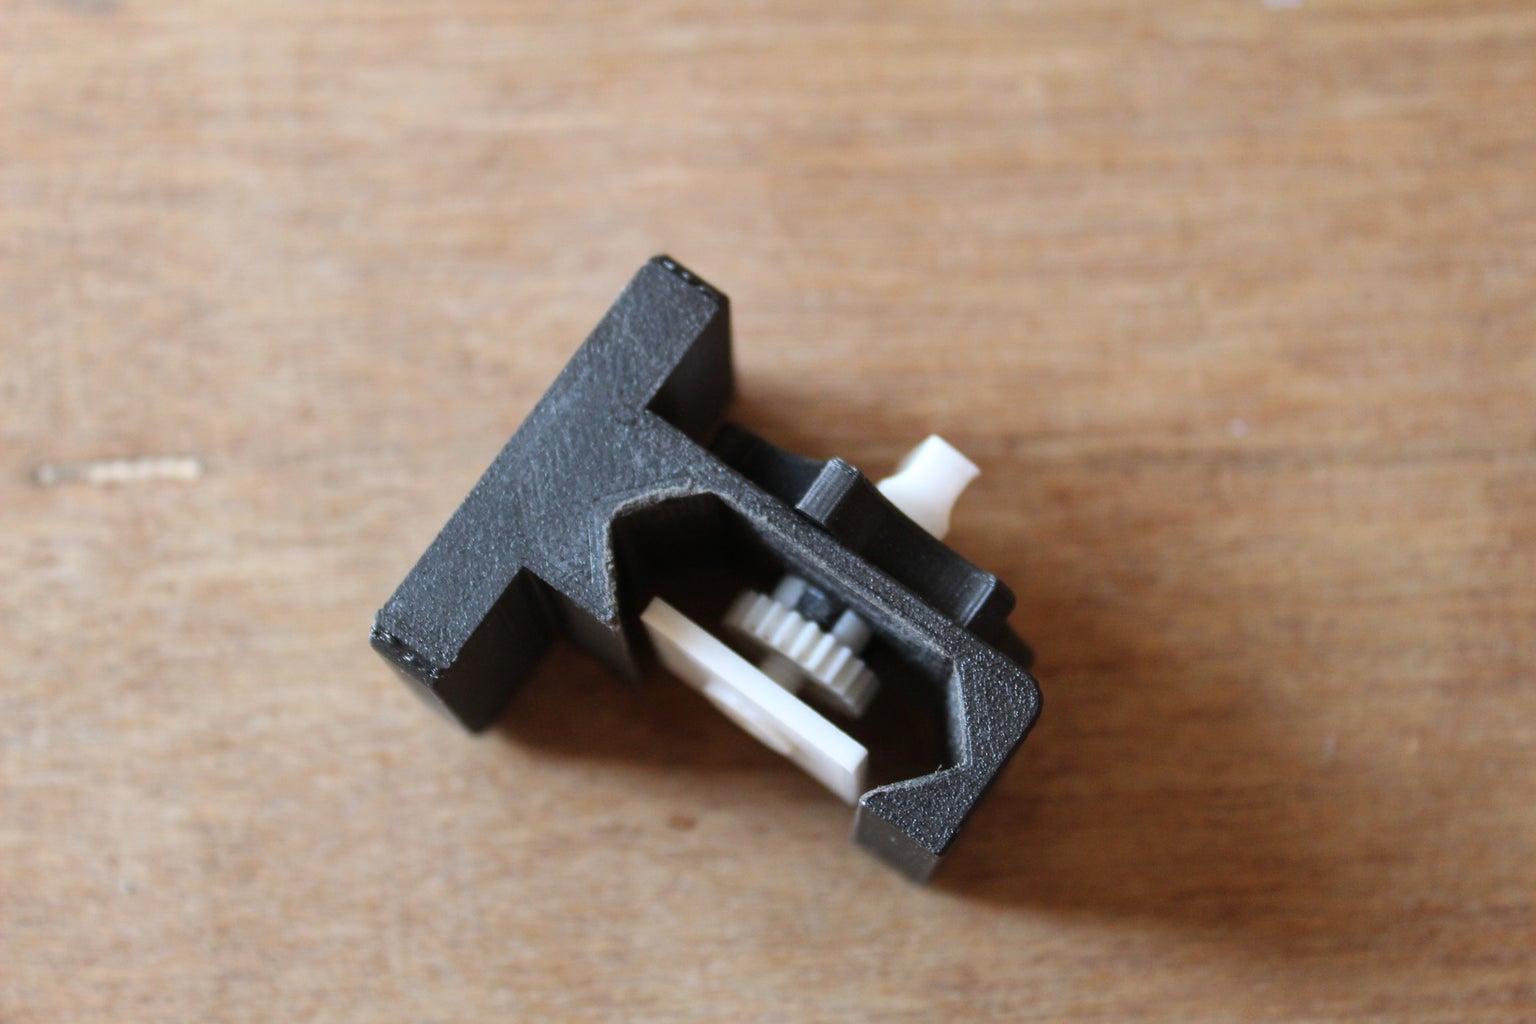 Assembling the Linear Mechanism